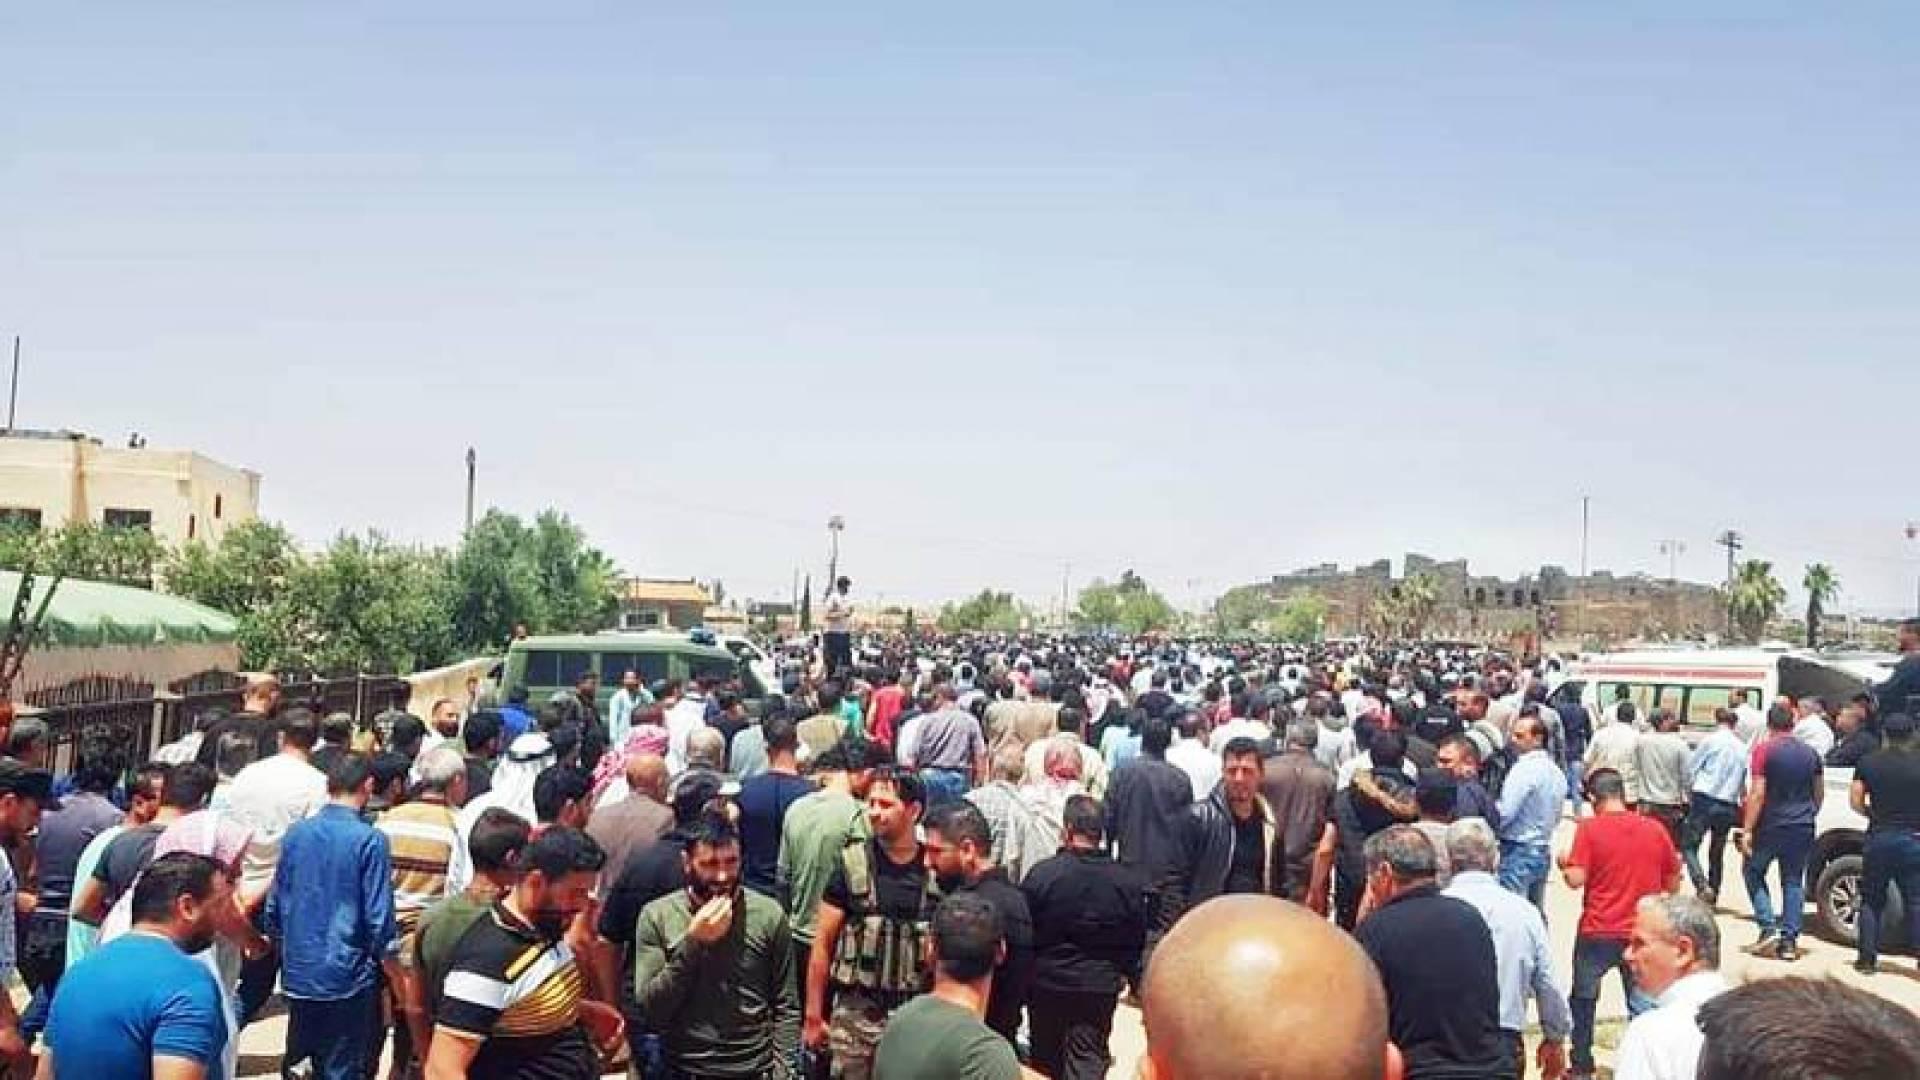 جانب من تظاهرة درعا ضد النظام وحزب الله خلال تشييع قتلى الفيلق الخامس (انترنت)